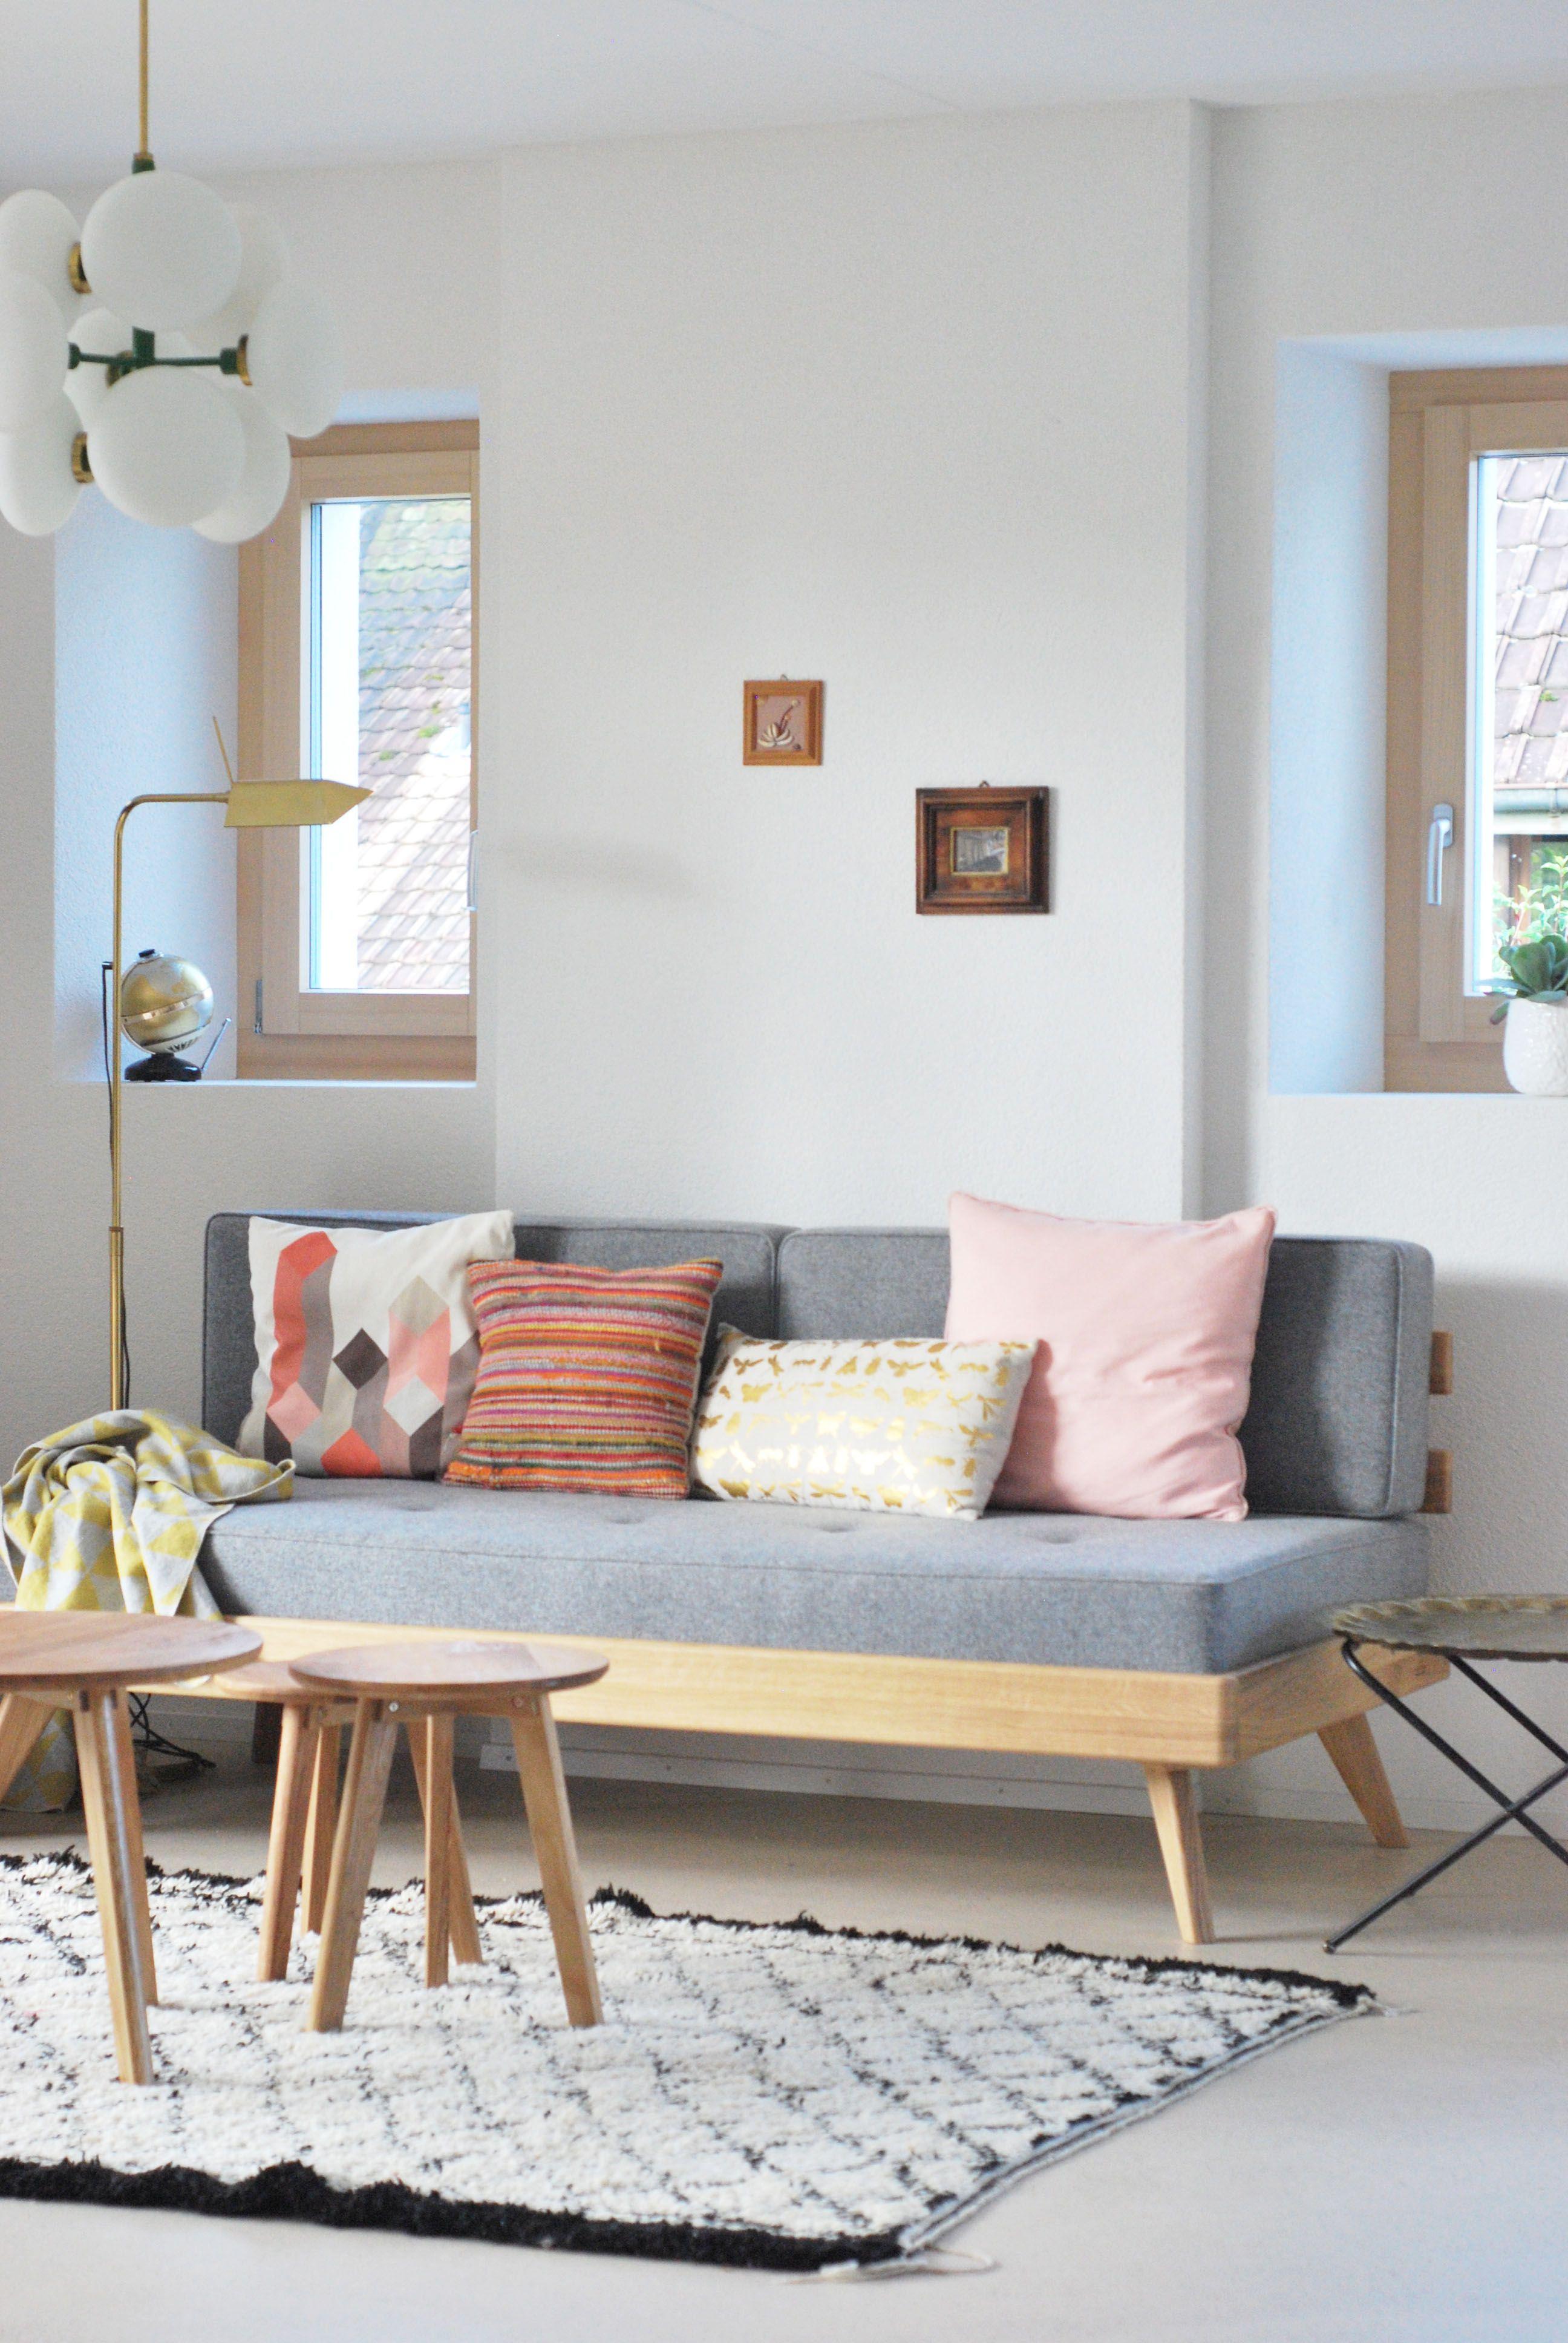 morgenstund home living in 2019 pinterest. Black Bedroom Furniture Sets. Home Design Ideas